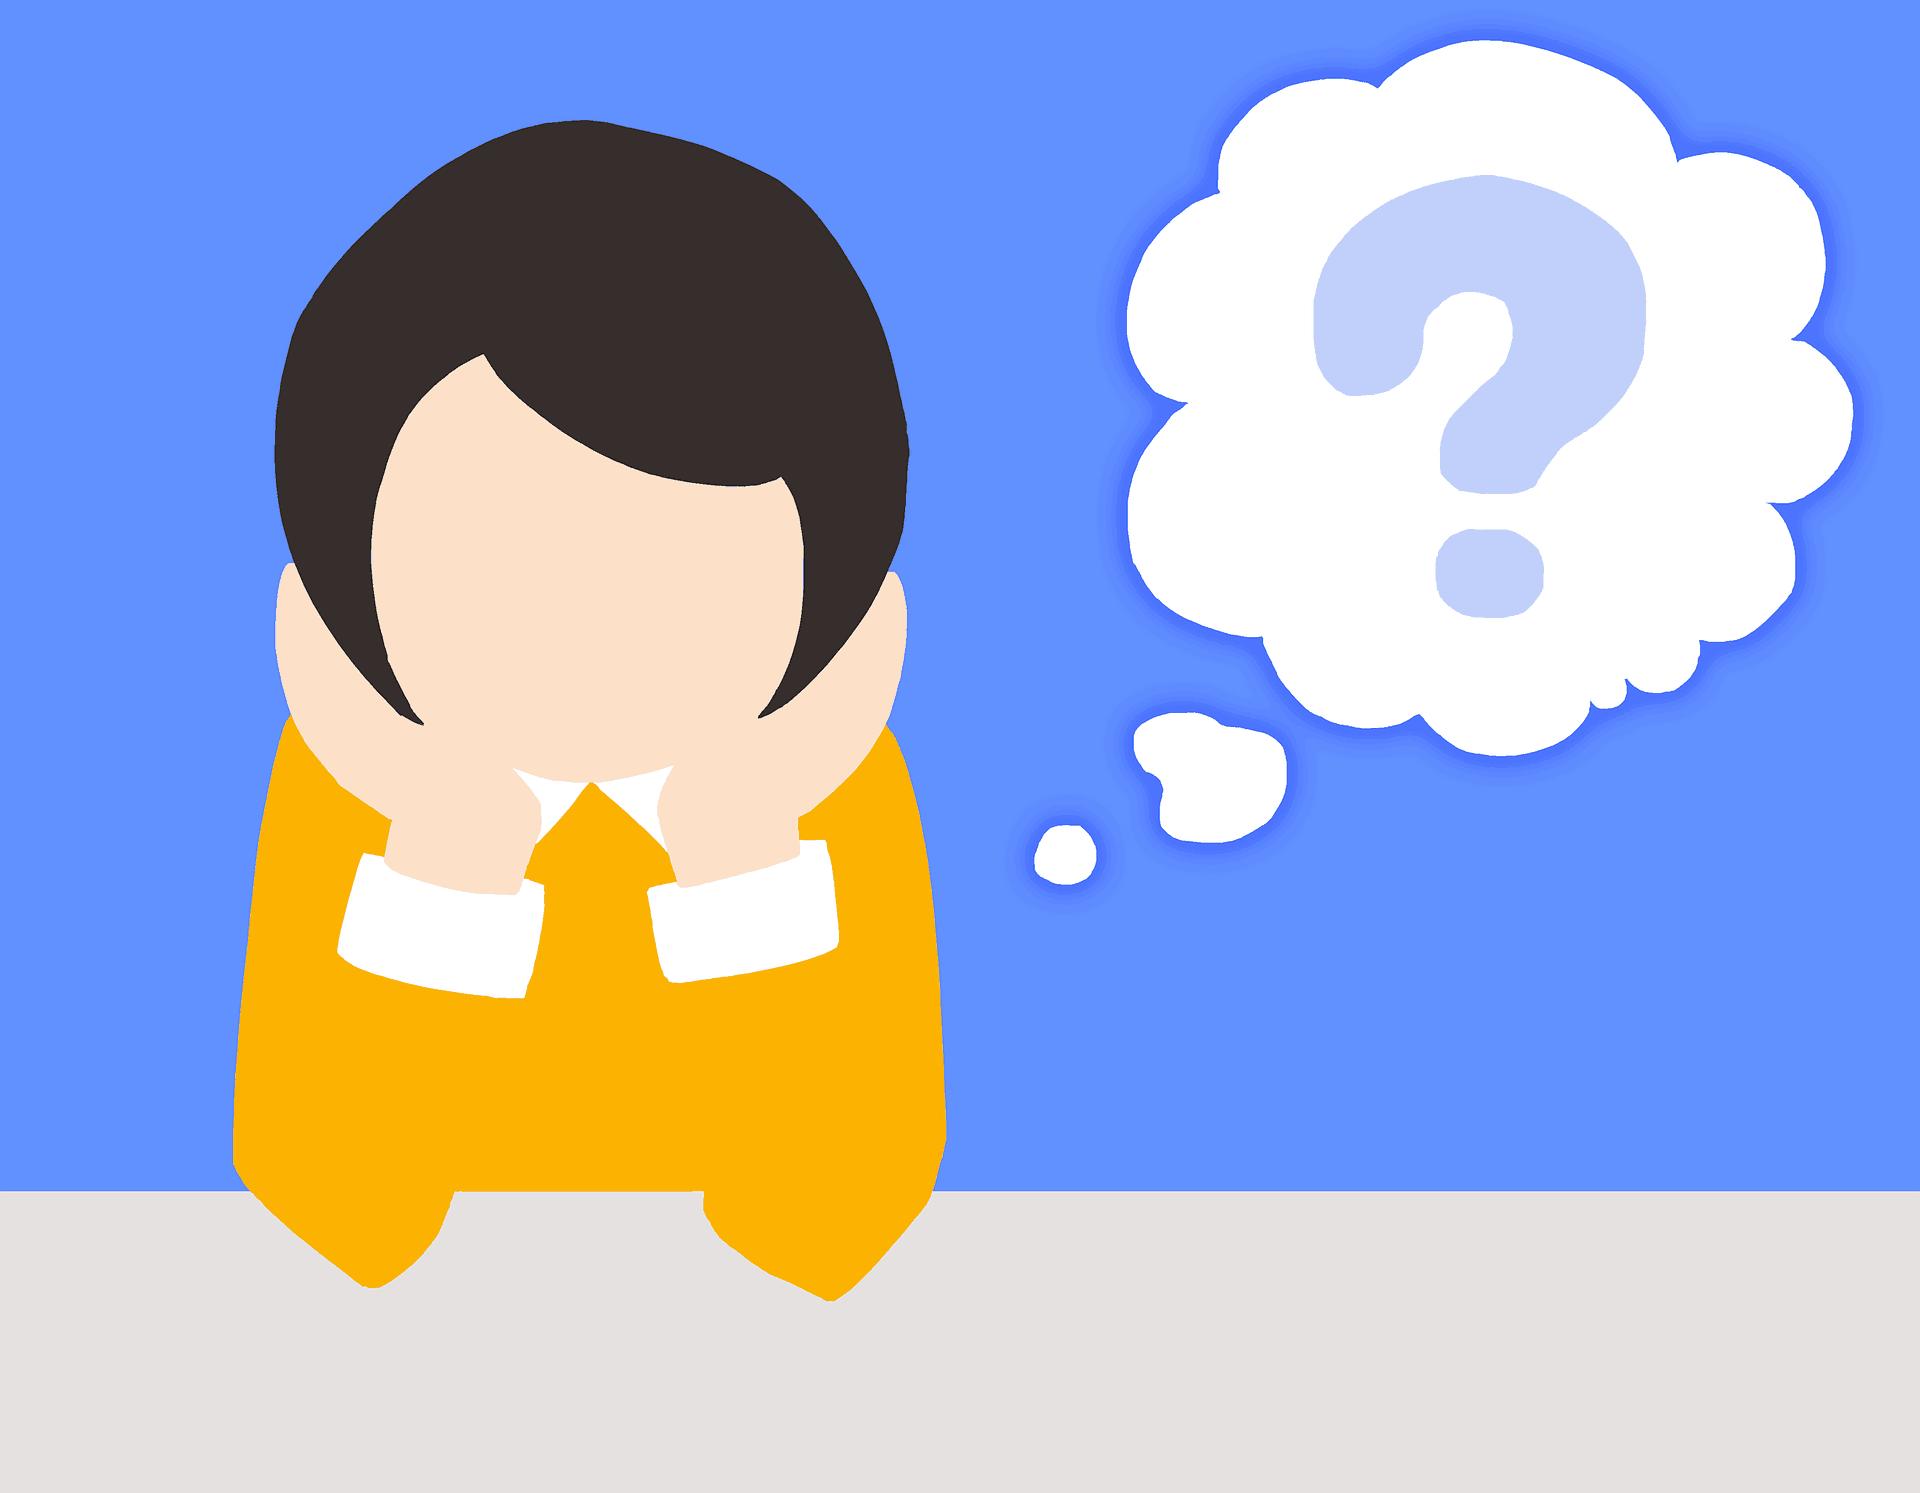 Wanneer is een aparte klantenservice zinvol?